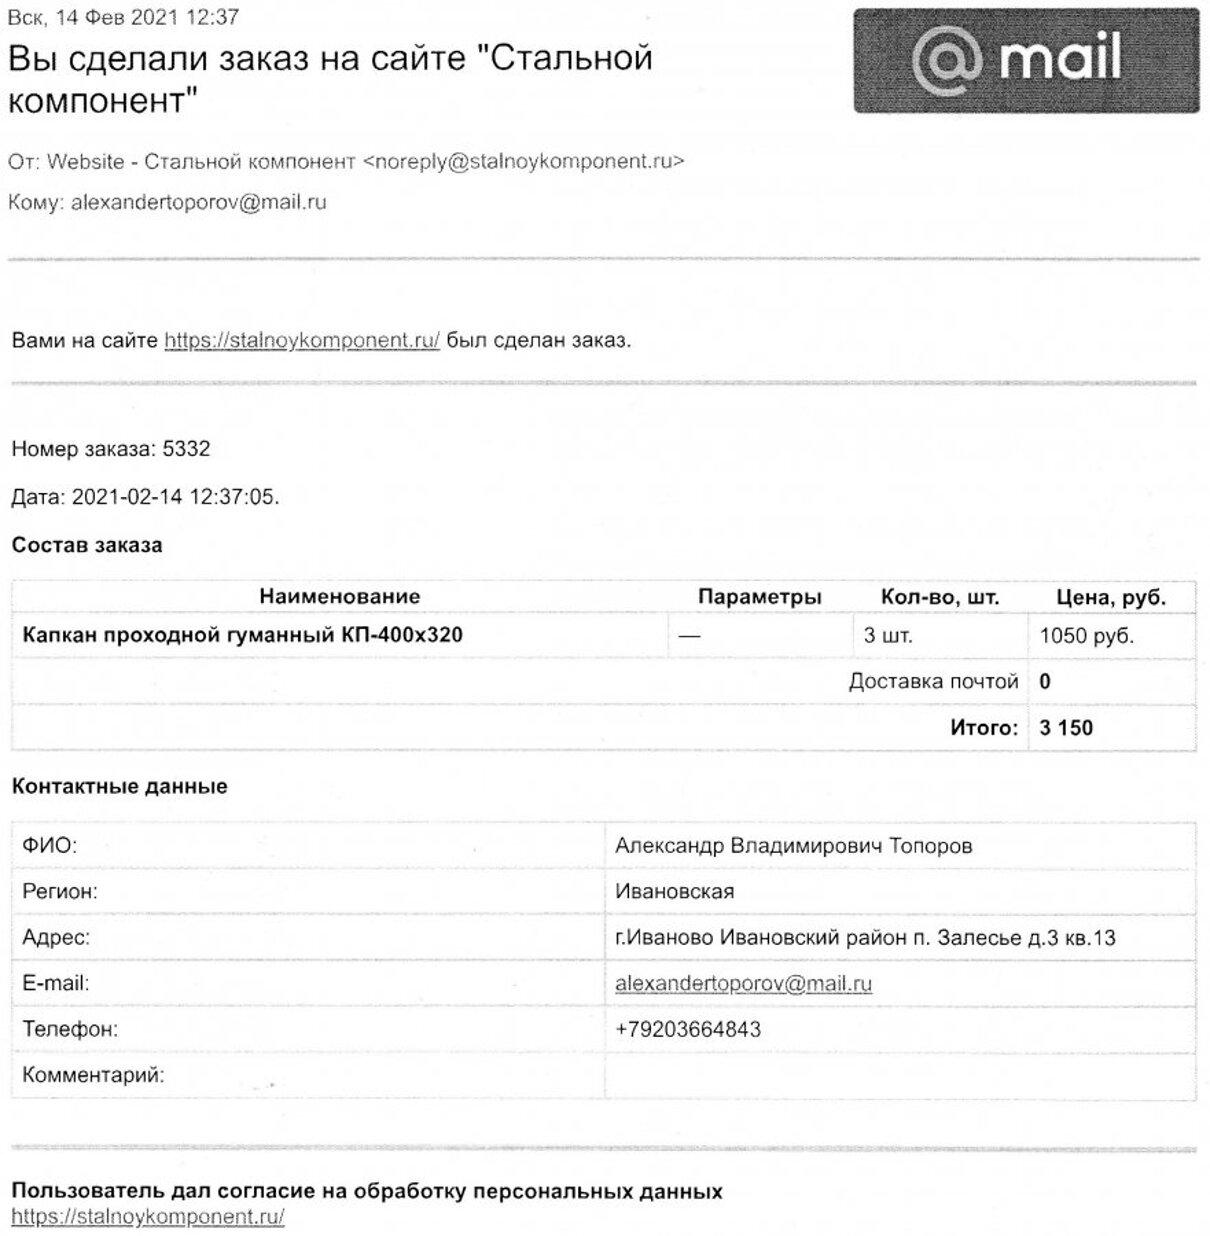 Жалоба-отзыв: Website - Стальной компонент - Не по адресу посылка ушла.  Фото №1